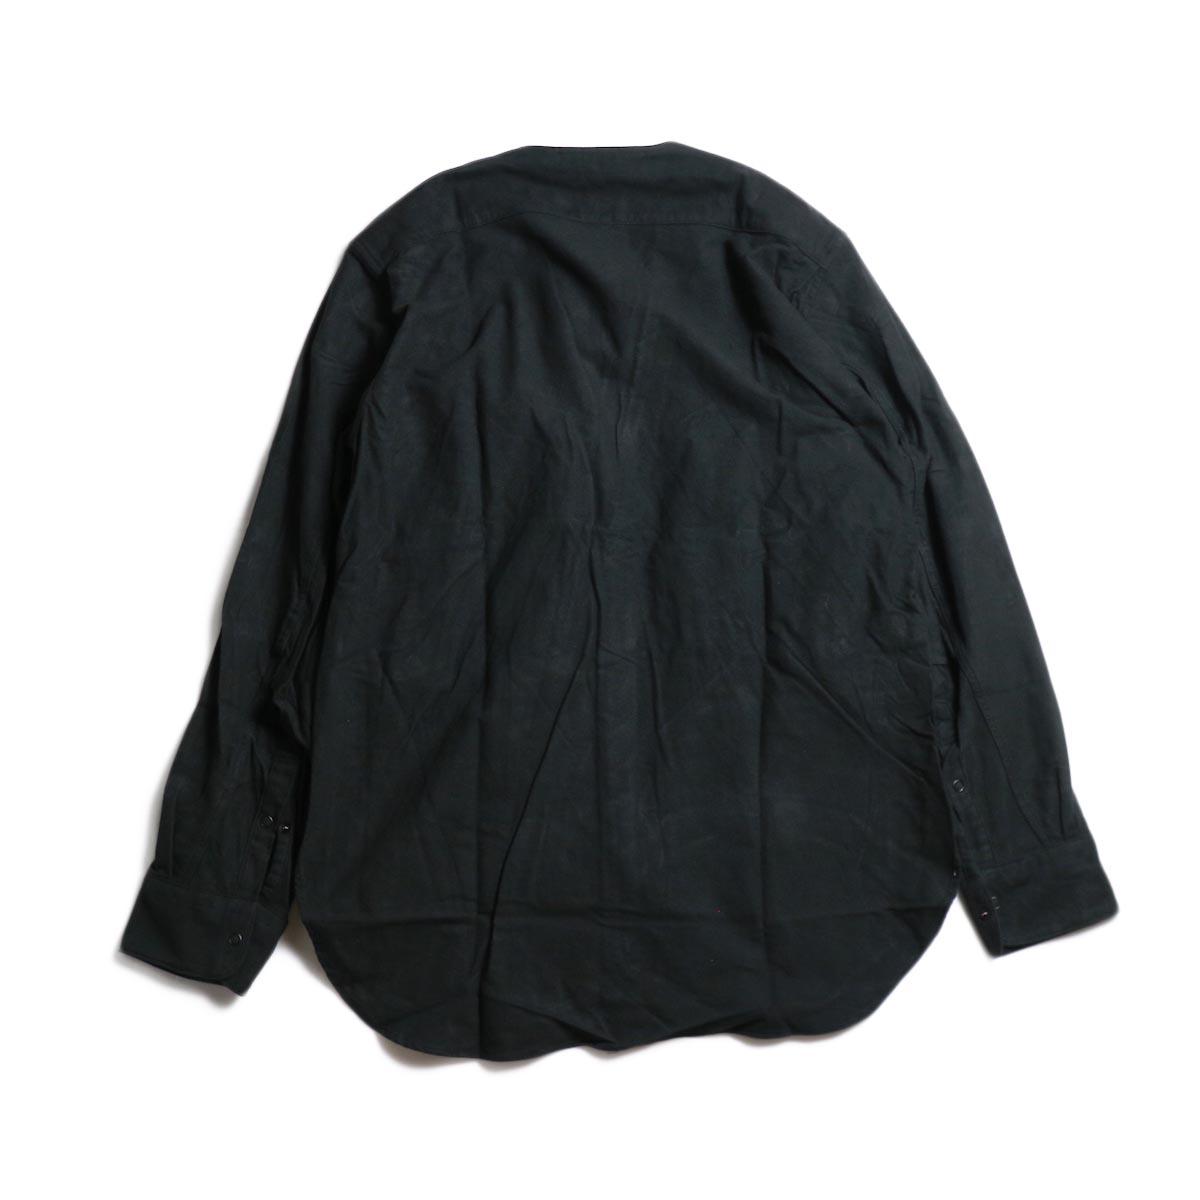 nonnative / CARPENTER SHIRT JACKET COTTON FLANNEL -Black 背面